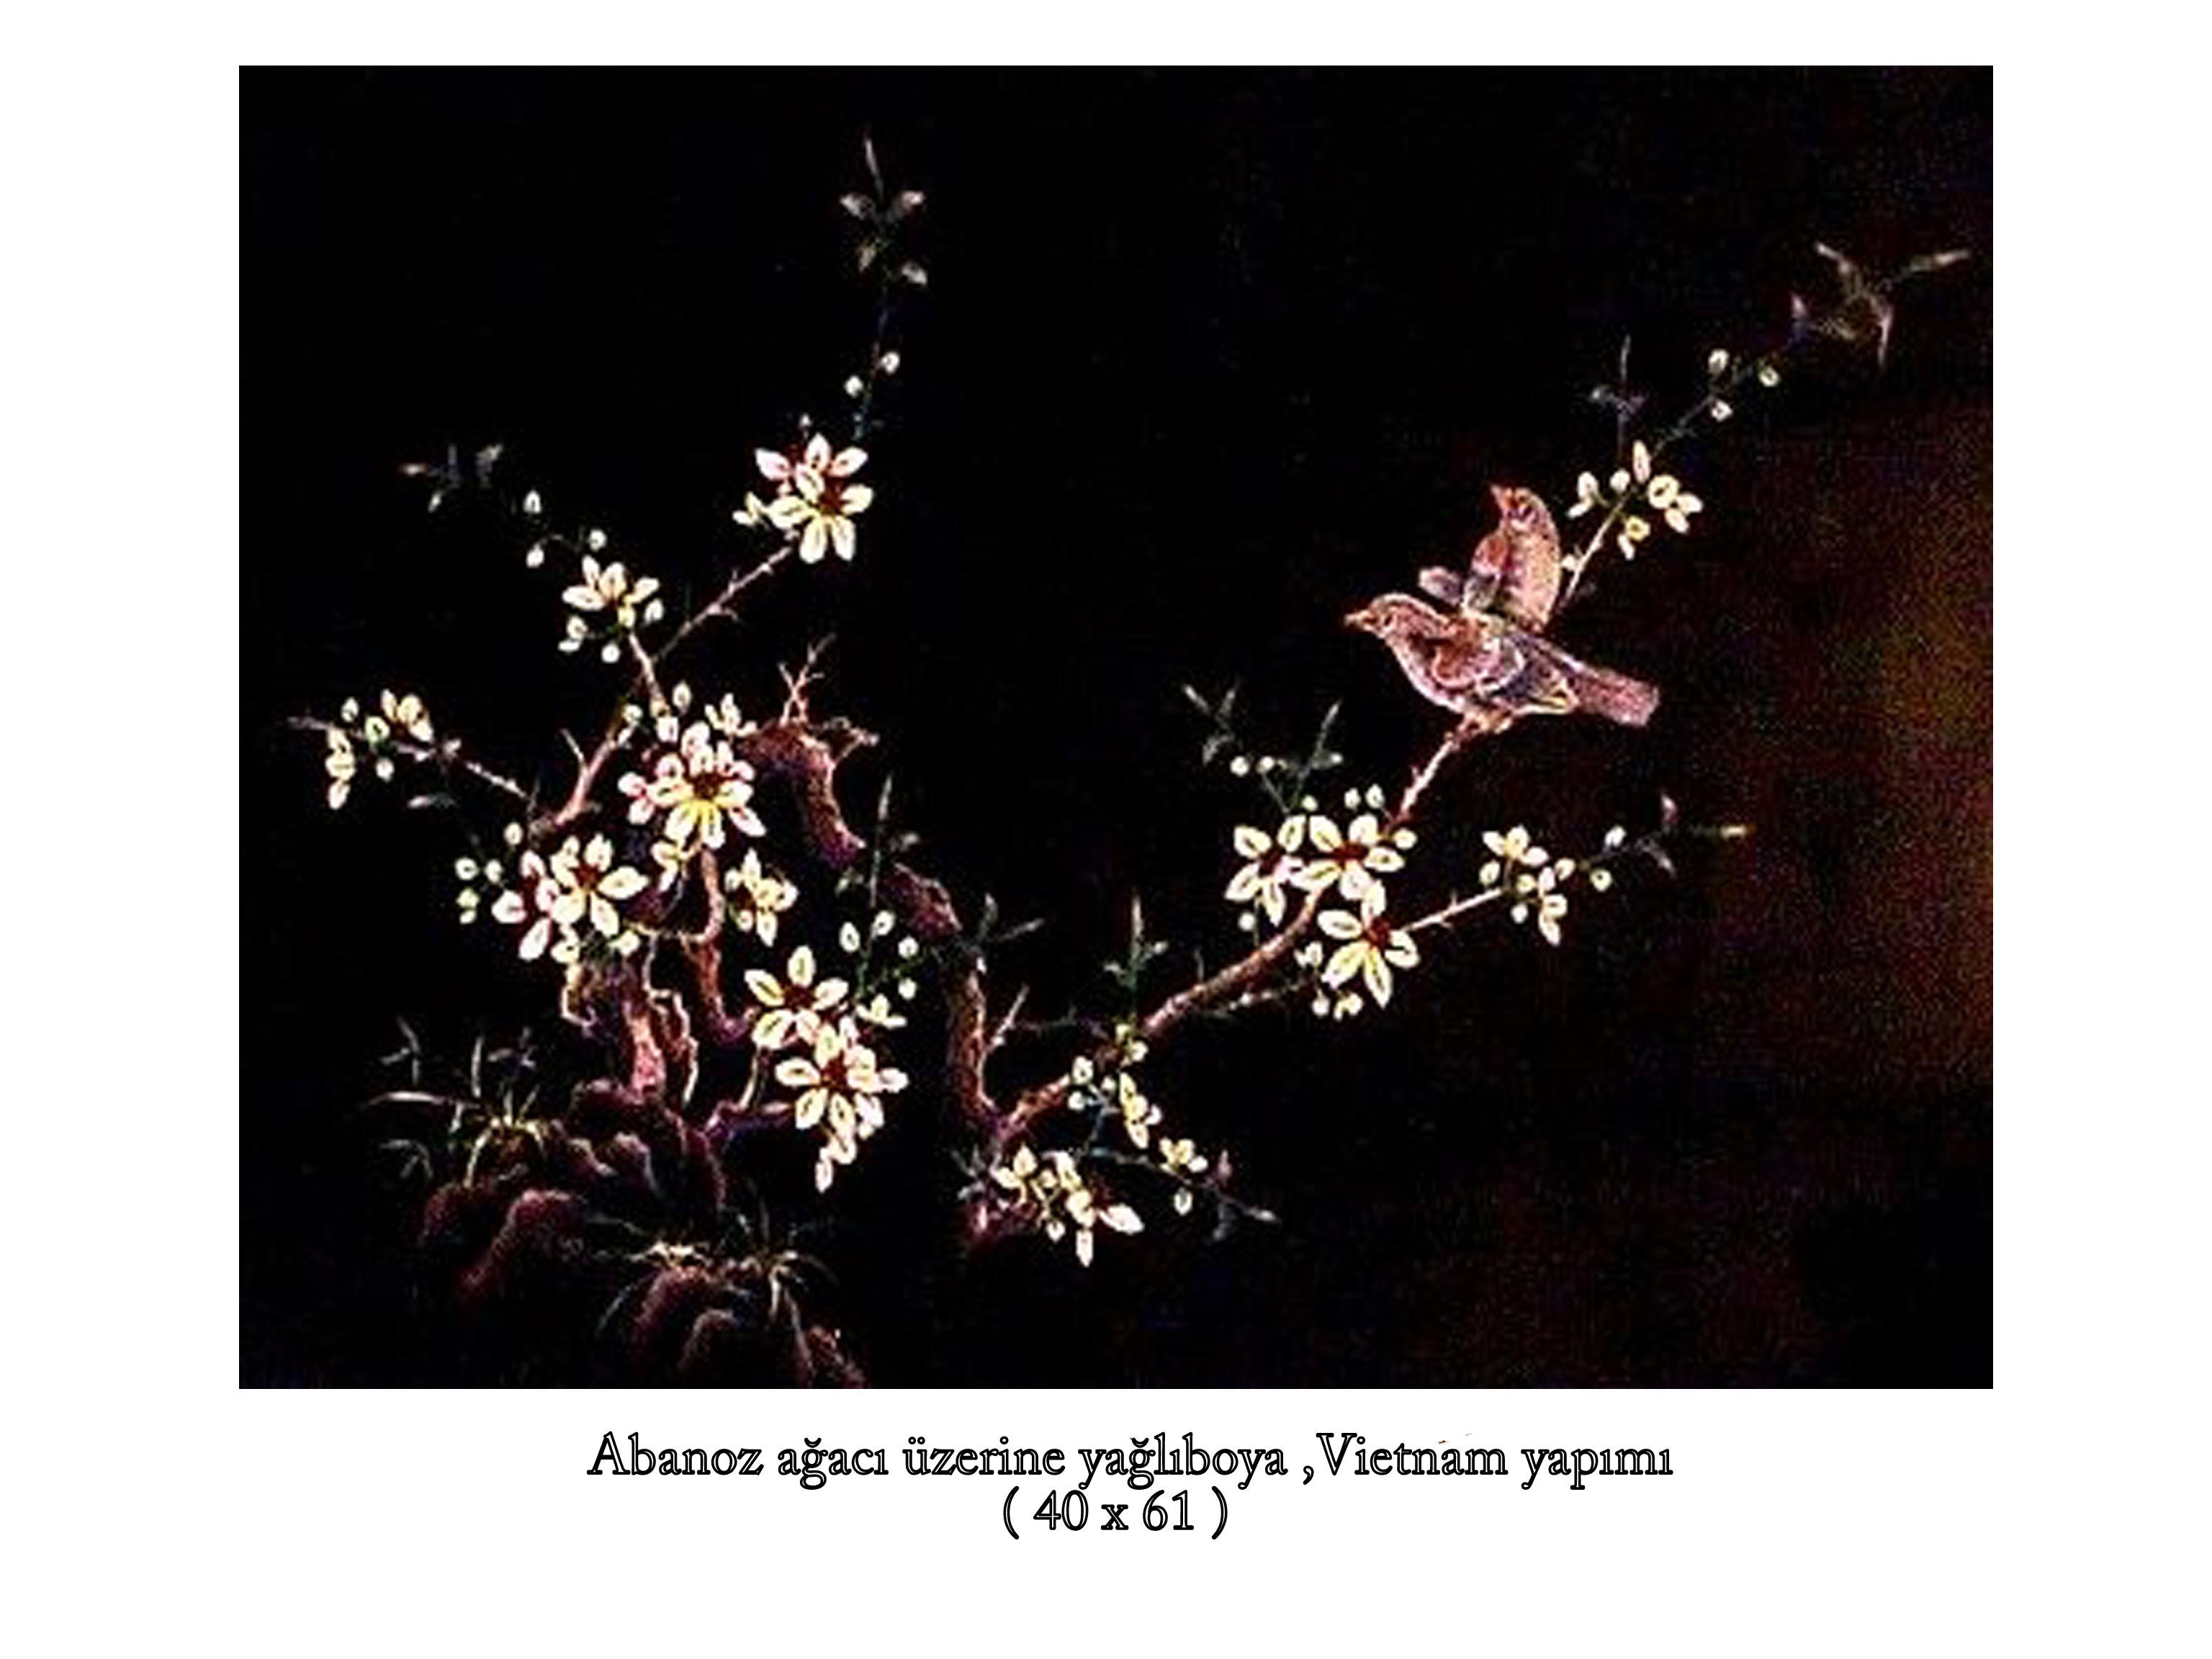 vietnam-yapimi-tablo